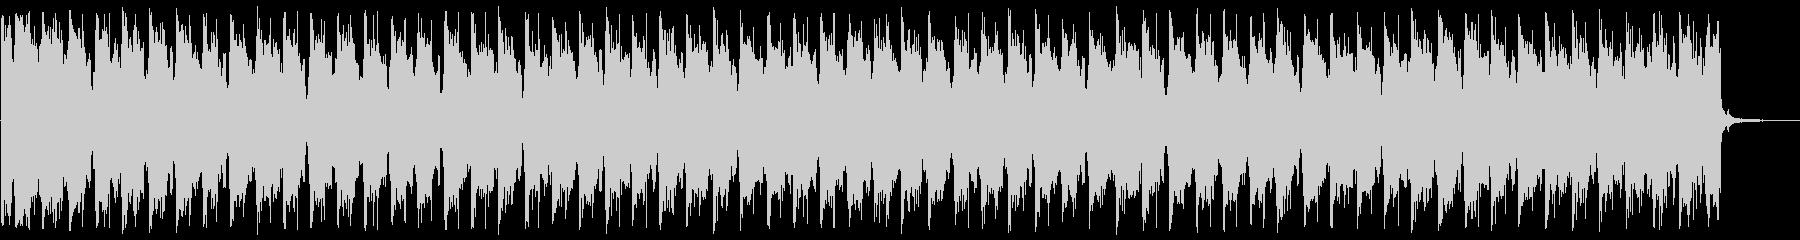 キラキラしたエレクトロ_No645_5の未再生の波形